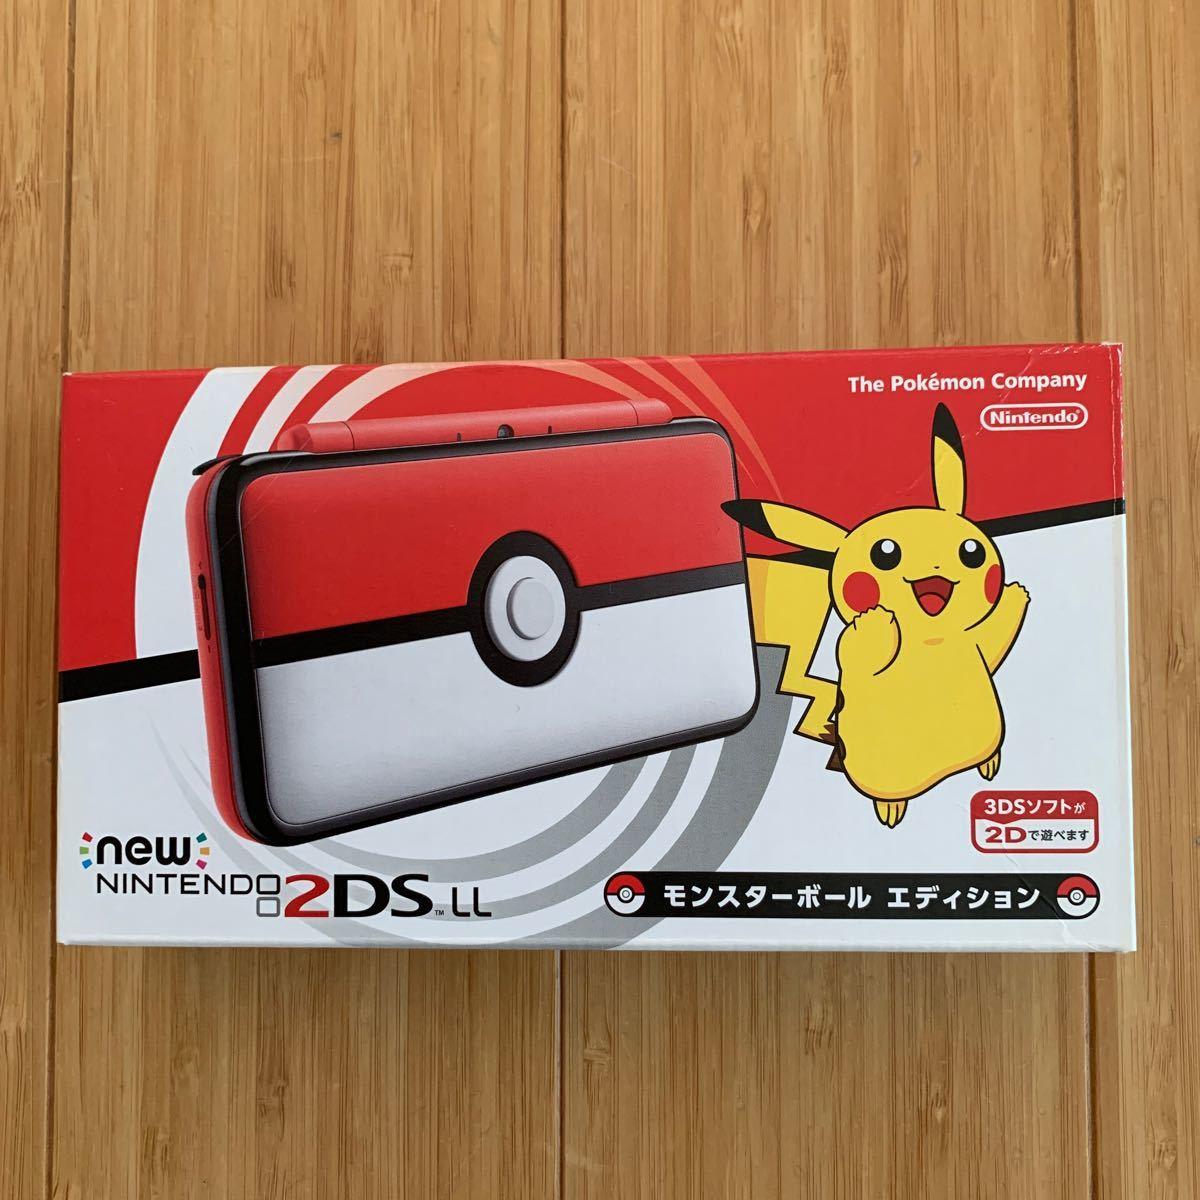 ニンテンドー2DS モンスターボール ポケモン 任天堂2DS